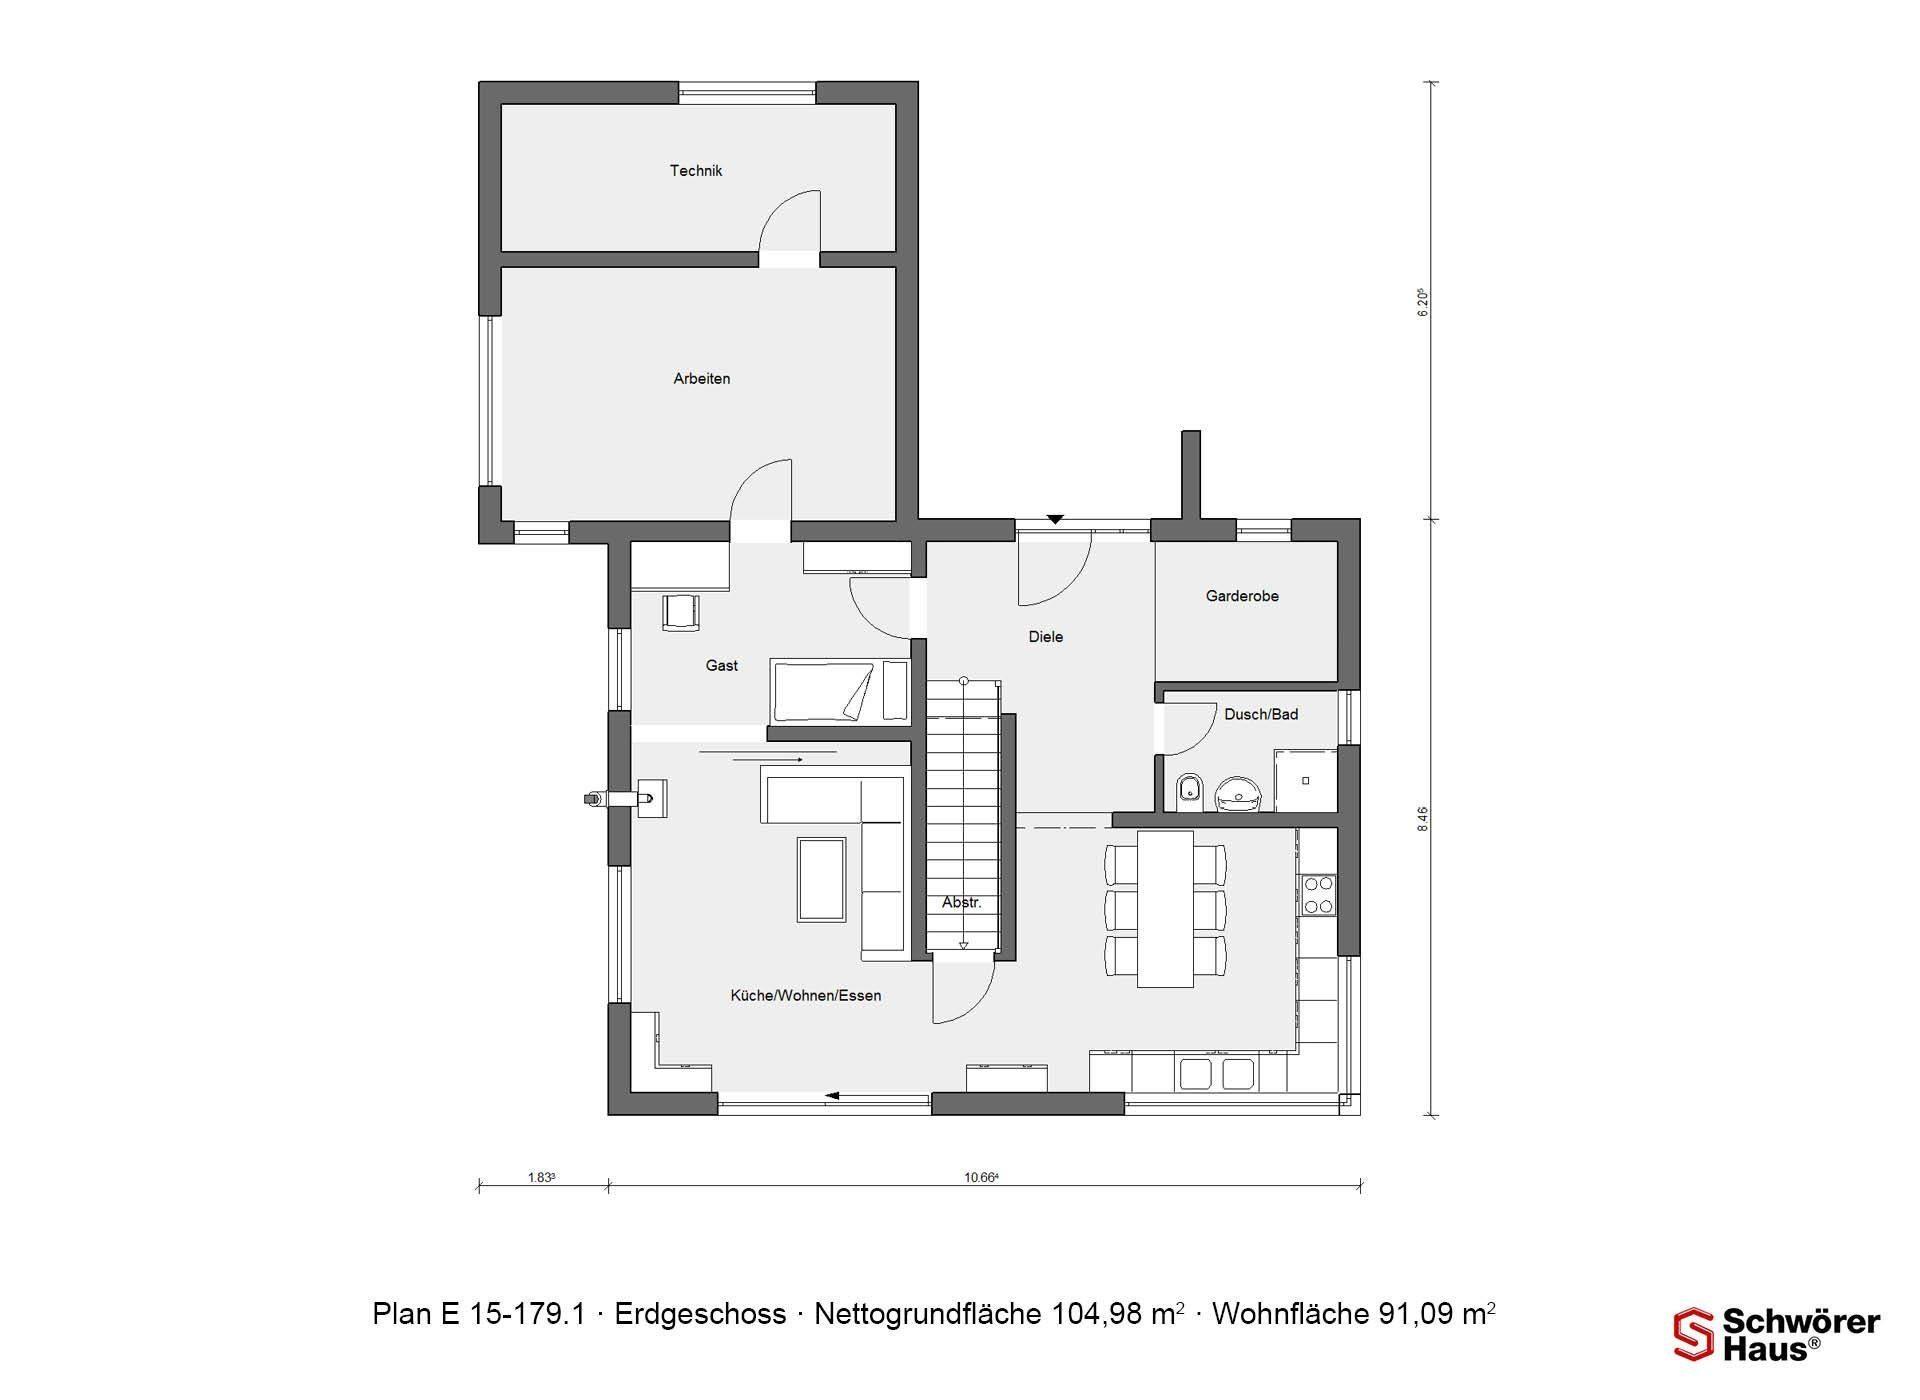 Schwörer Haus Musterhaus Villingen-Schwenningen - Eine Nahaufnahme eines Geräts - Gebäudeplan